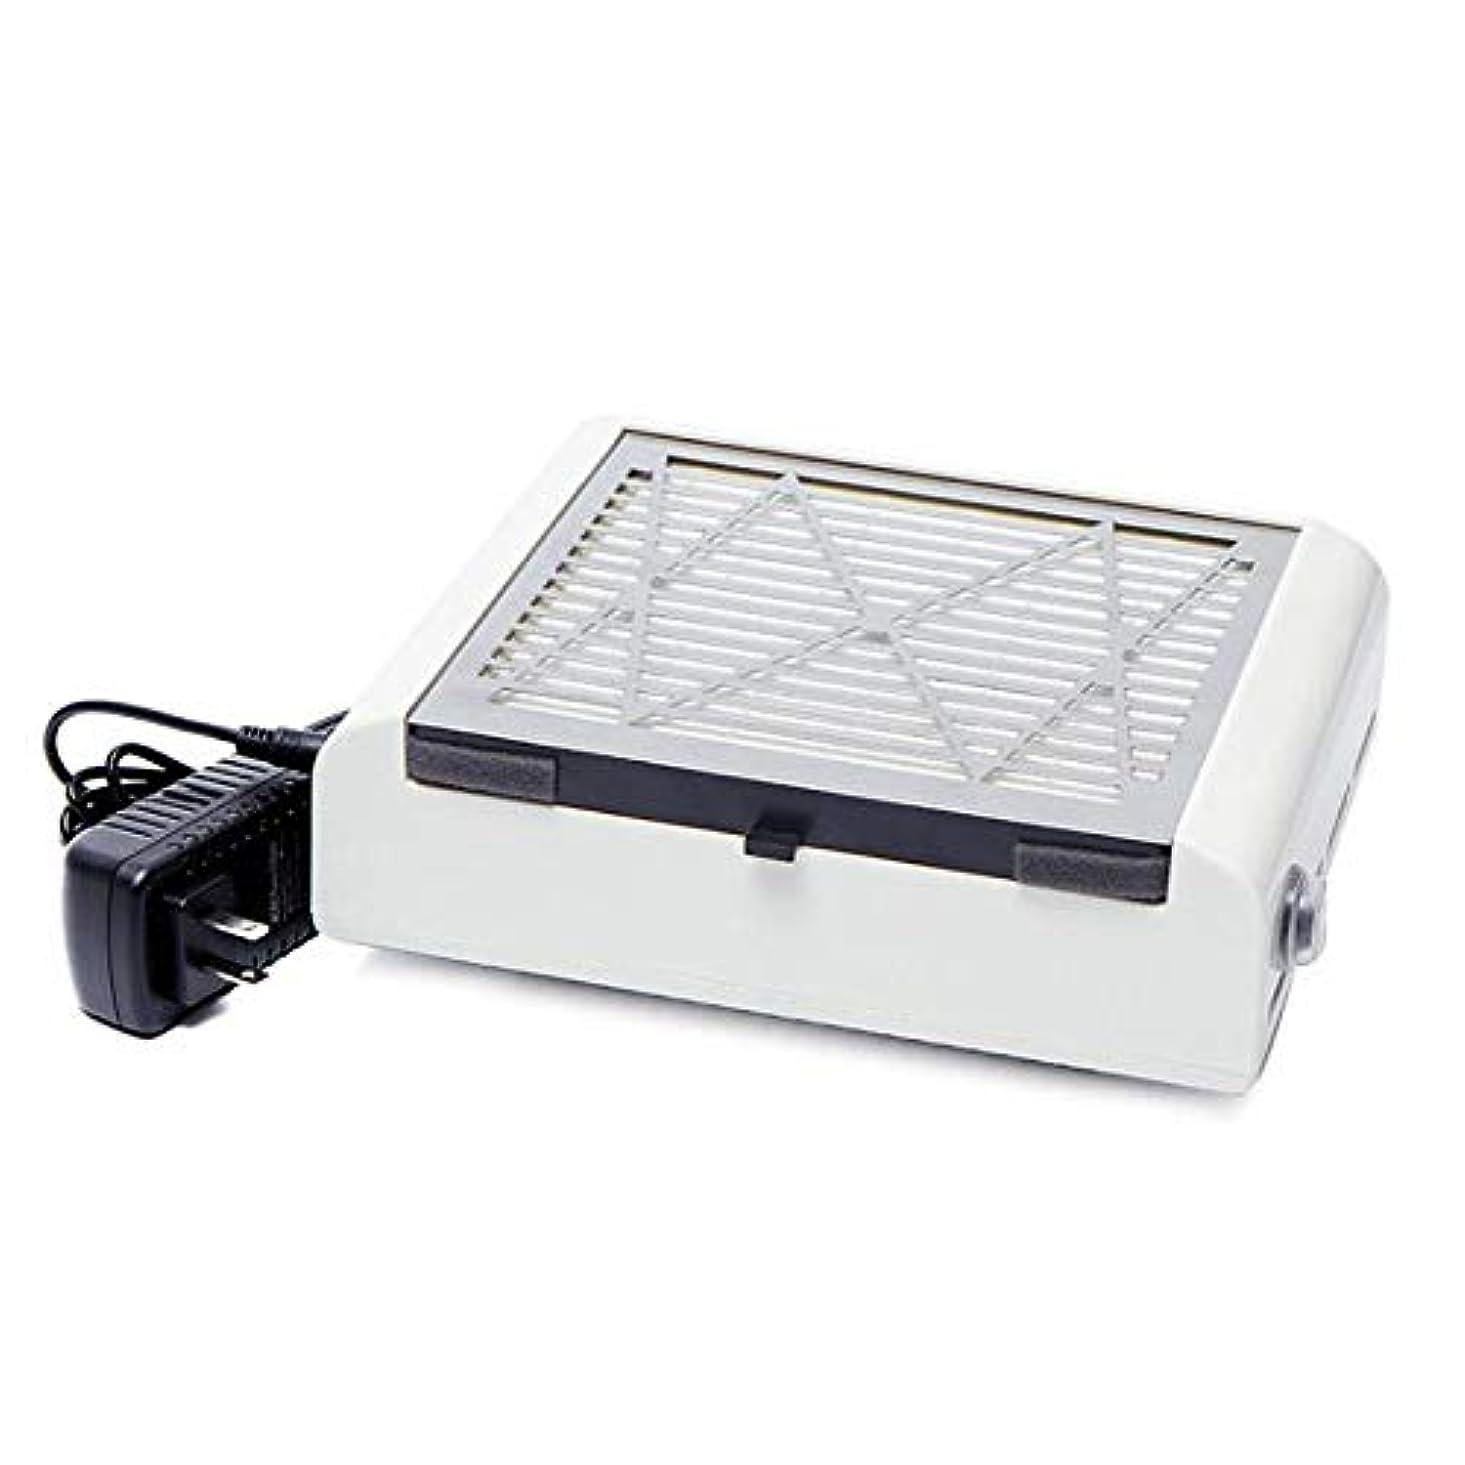 ここにエレガントサイドボード集塵機 ネイルダスト ネイル ネイル機器 ダストクリーナー 強力 ハイパワー 音静か プロ用 コレクター フィルター式 吸塵 ネイル用品 電動 (ホワイト)